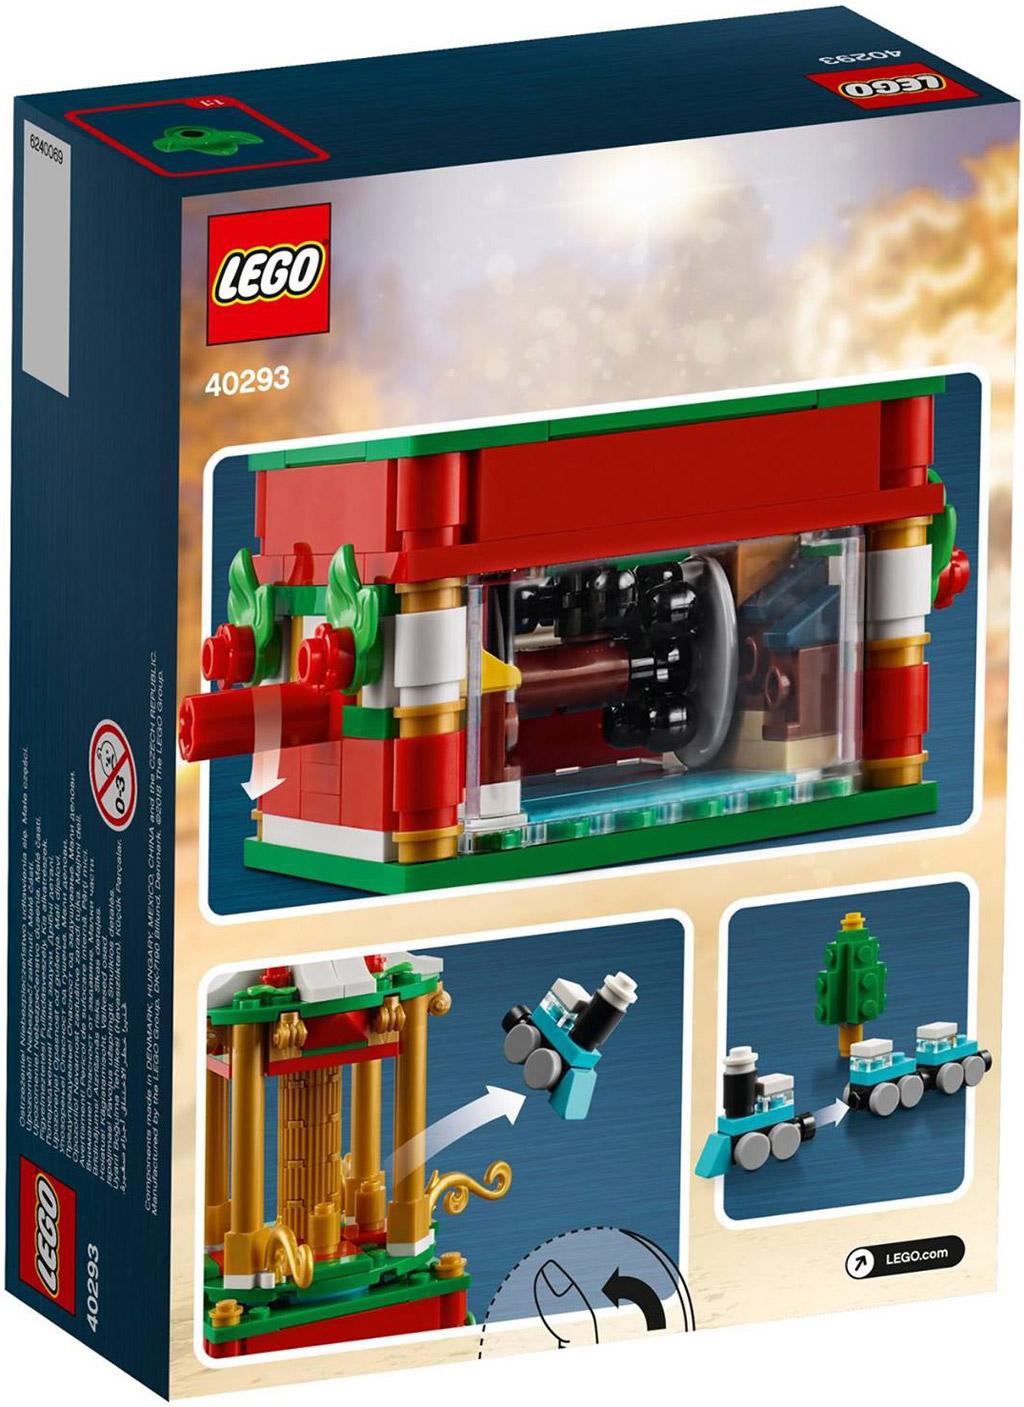 lego-weihnachts-karussell-40293-2018-box-back zusammengebaut.com